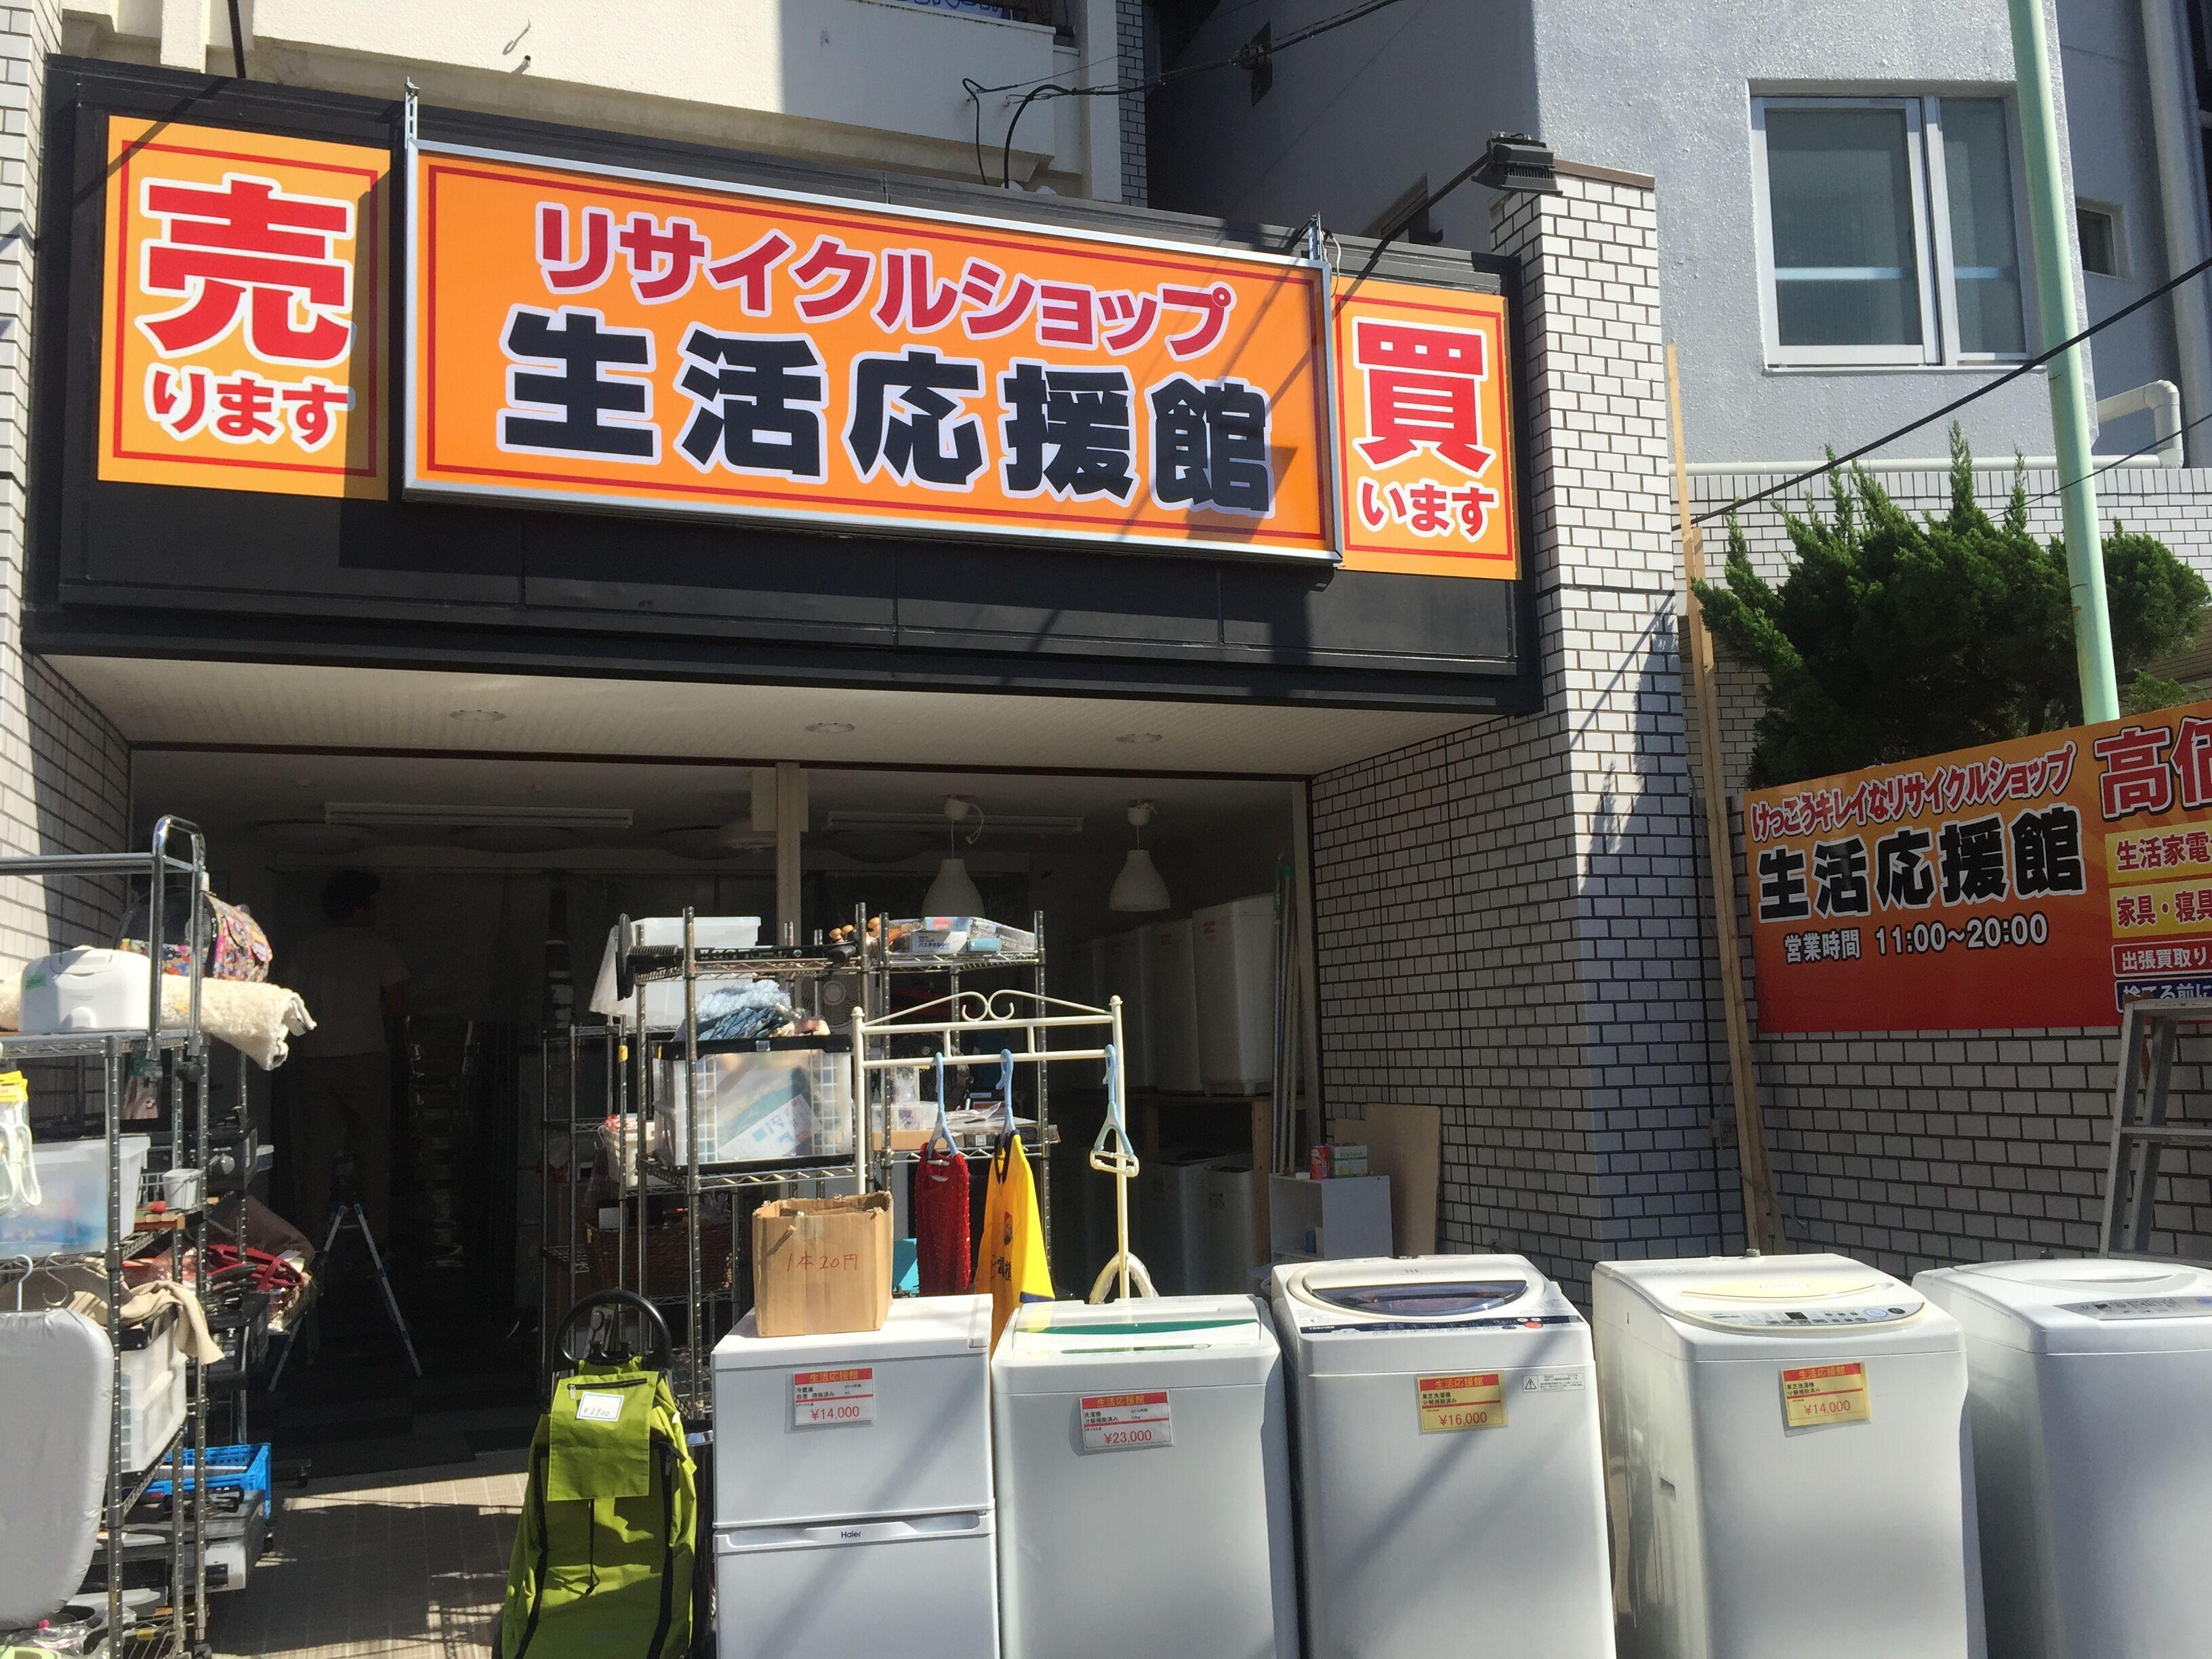 ▇▇▇亮姐精品中古专卖店▇▇▇